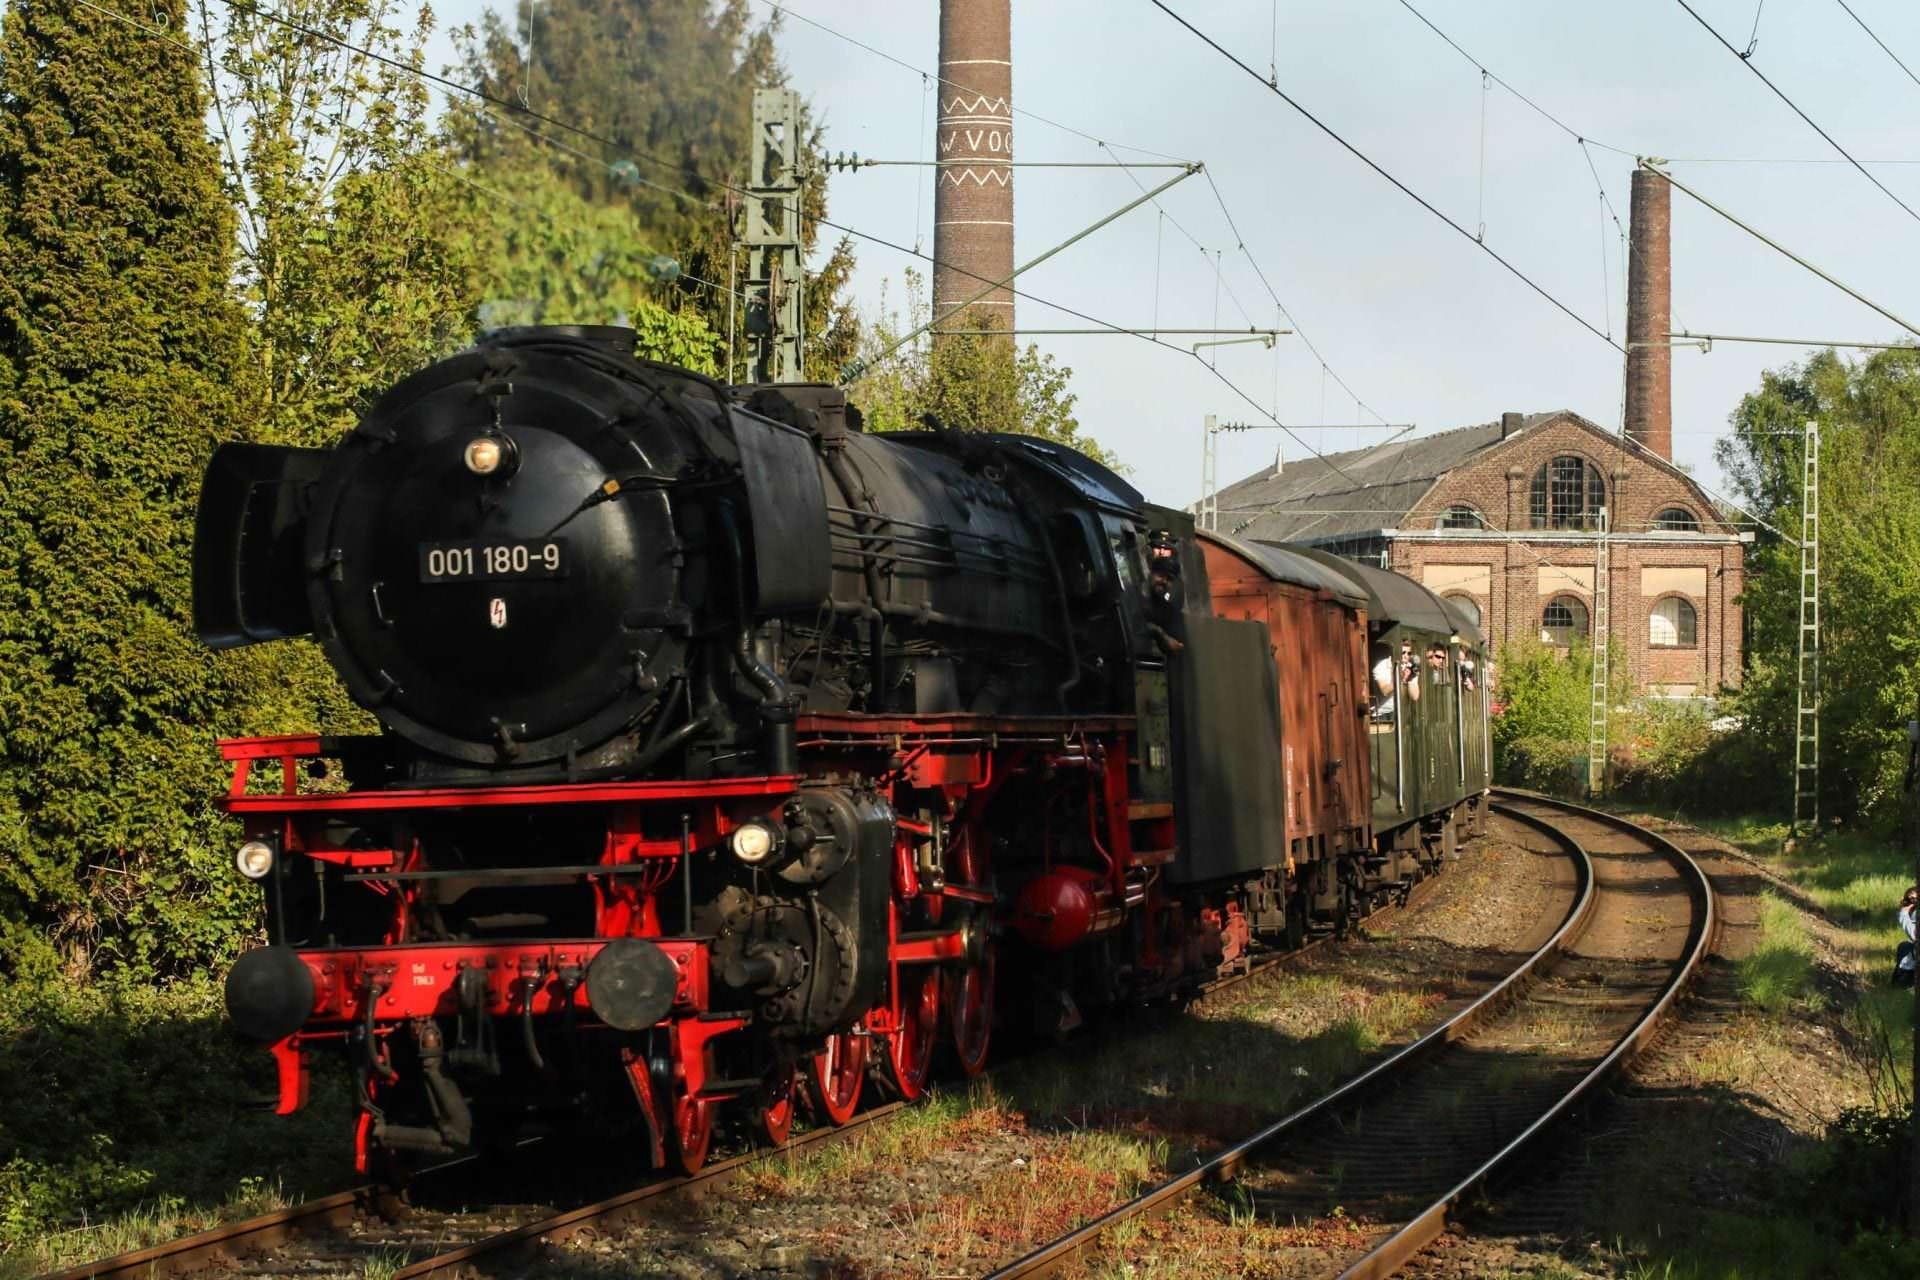 001 180 war das nächste Zugpferd am Pendel